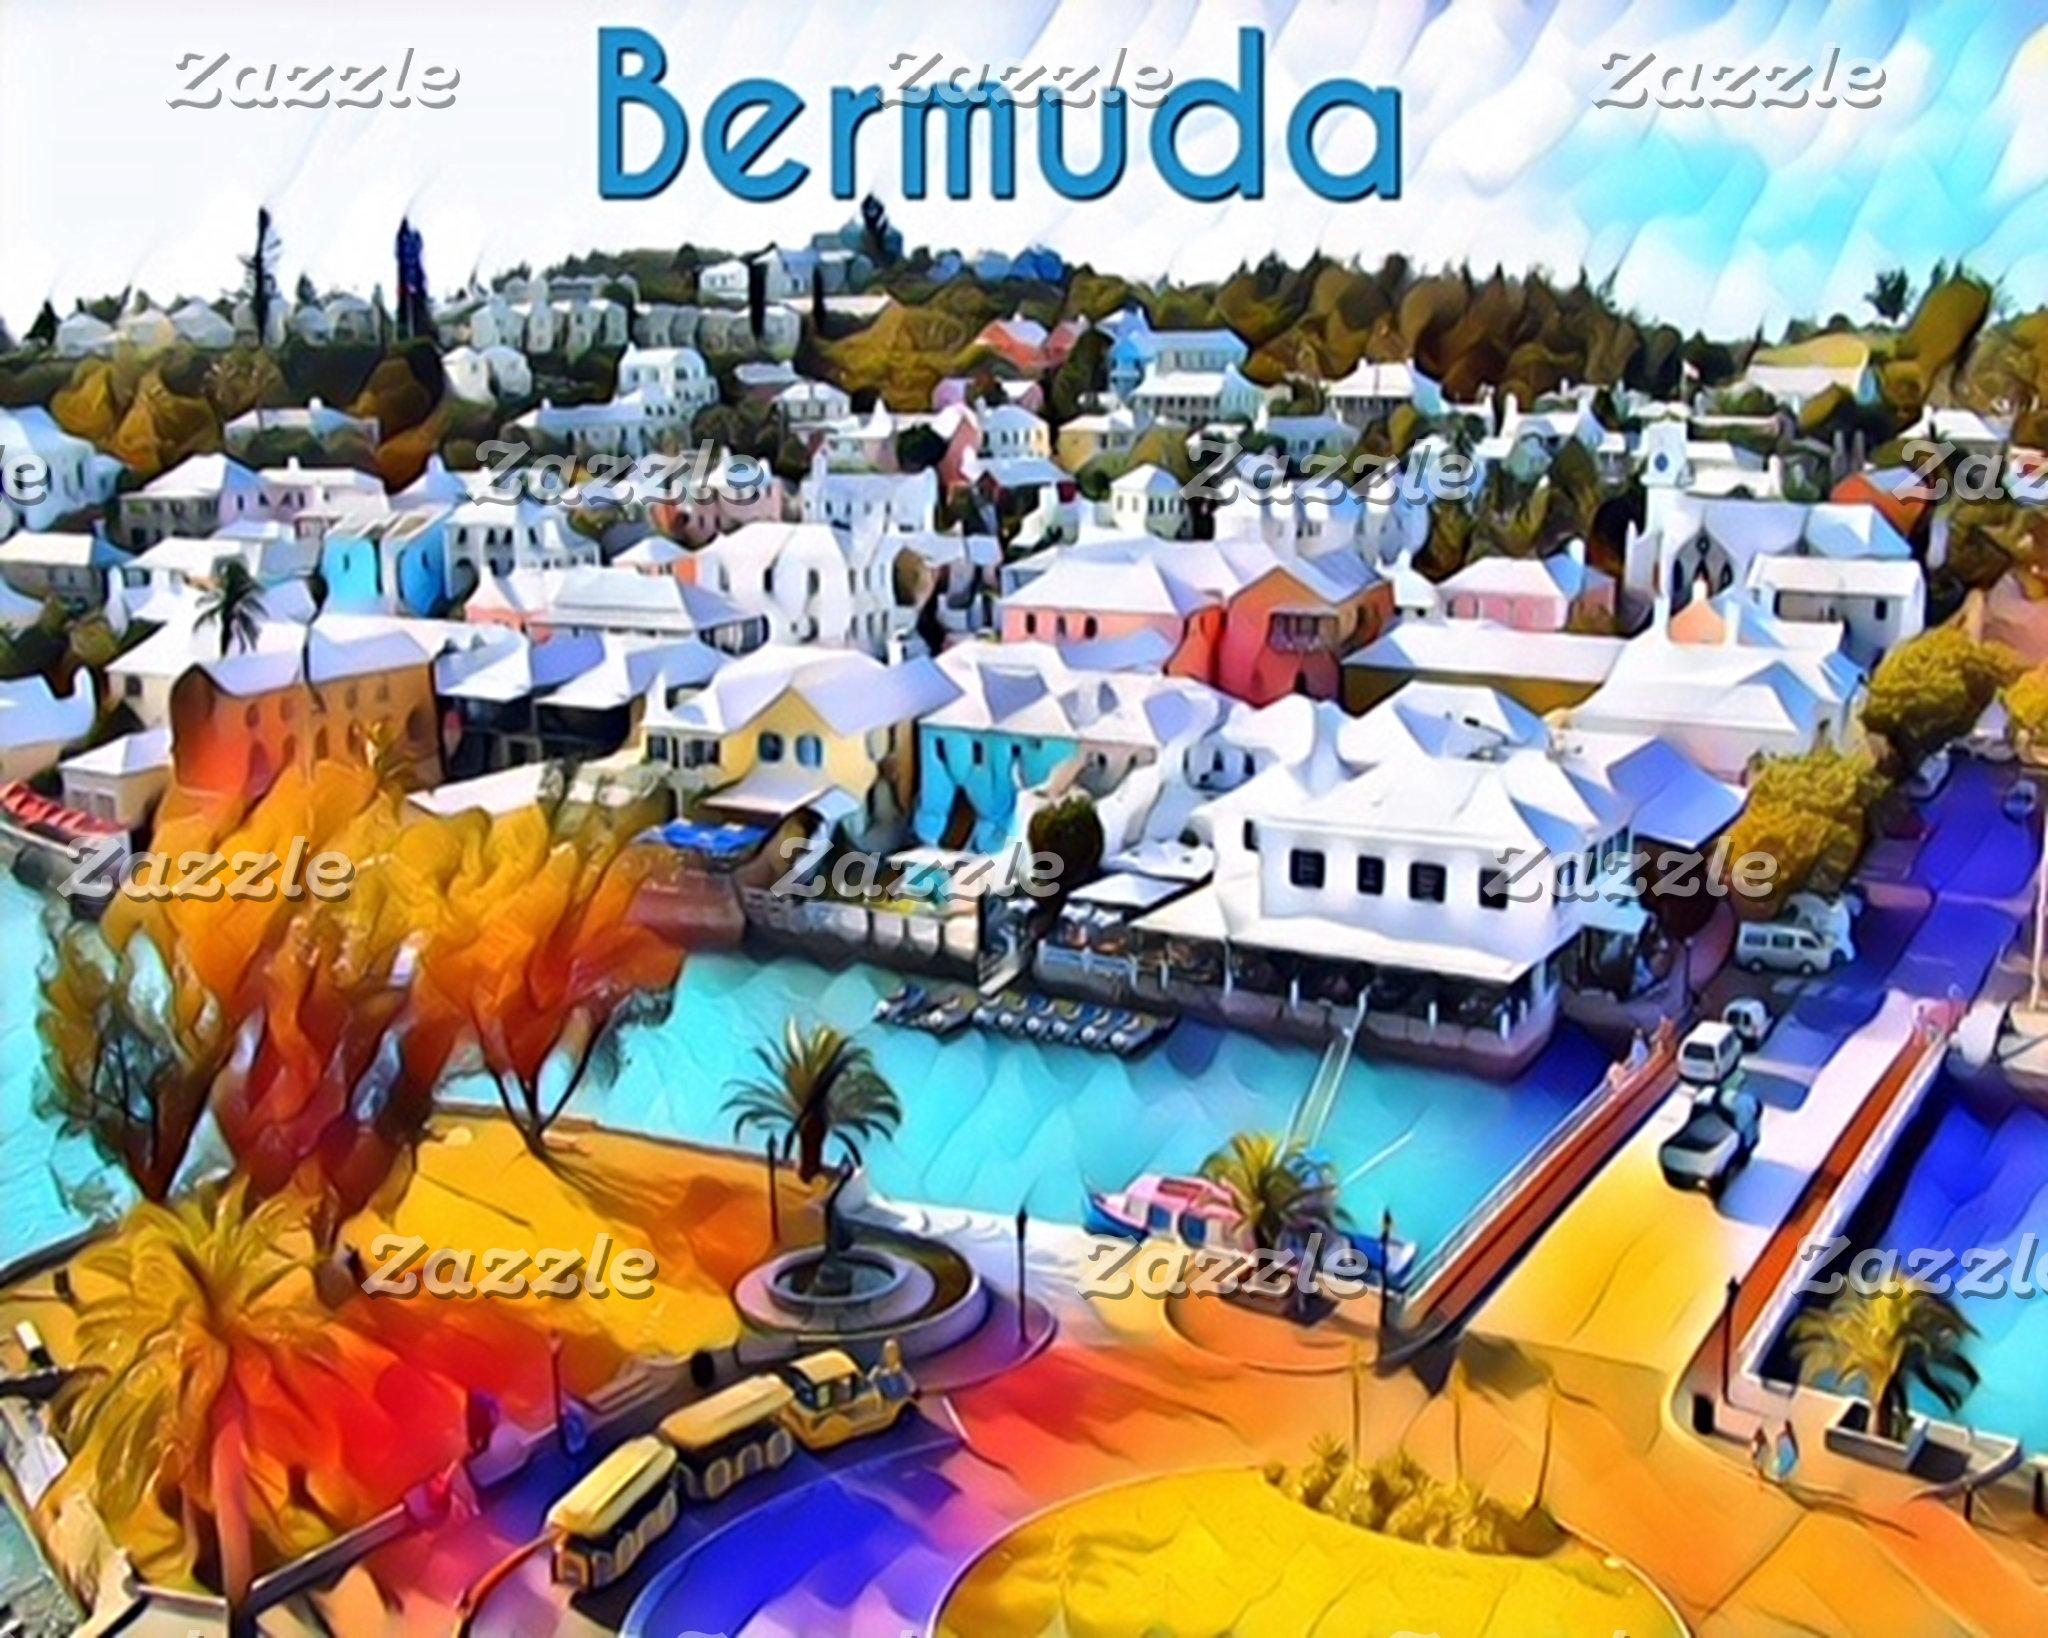 Neon Pop Art 4544 Bermuda